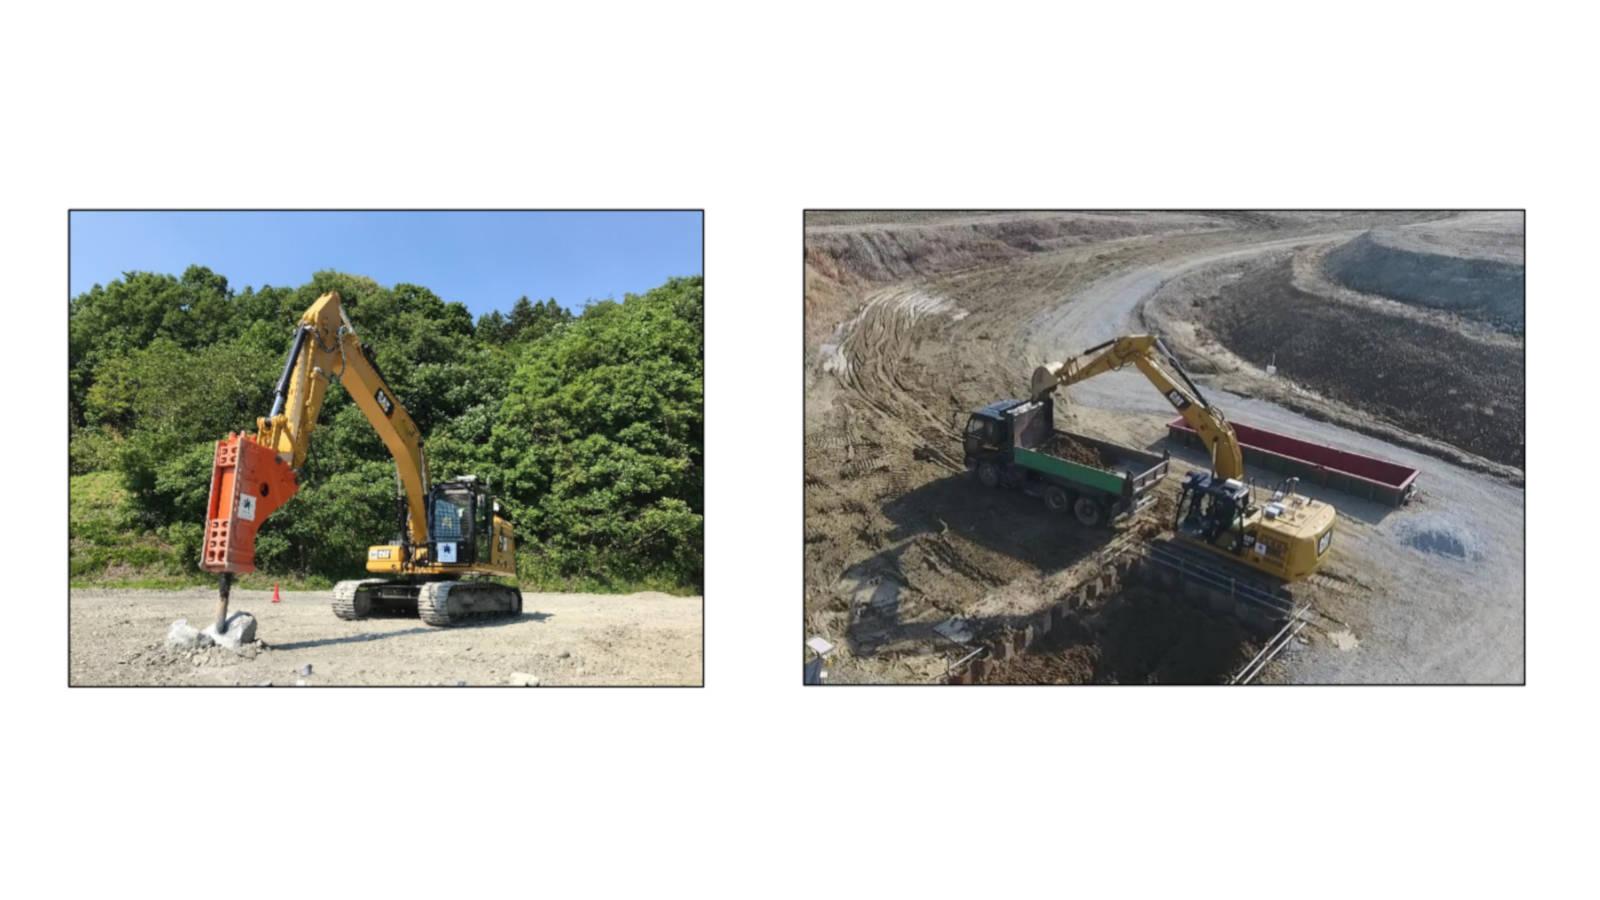 大成建設×キャタピラー|建設機械の共同開発により、建設現場での作業自動化を目指す